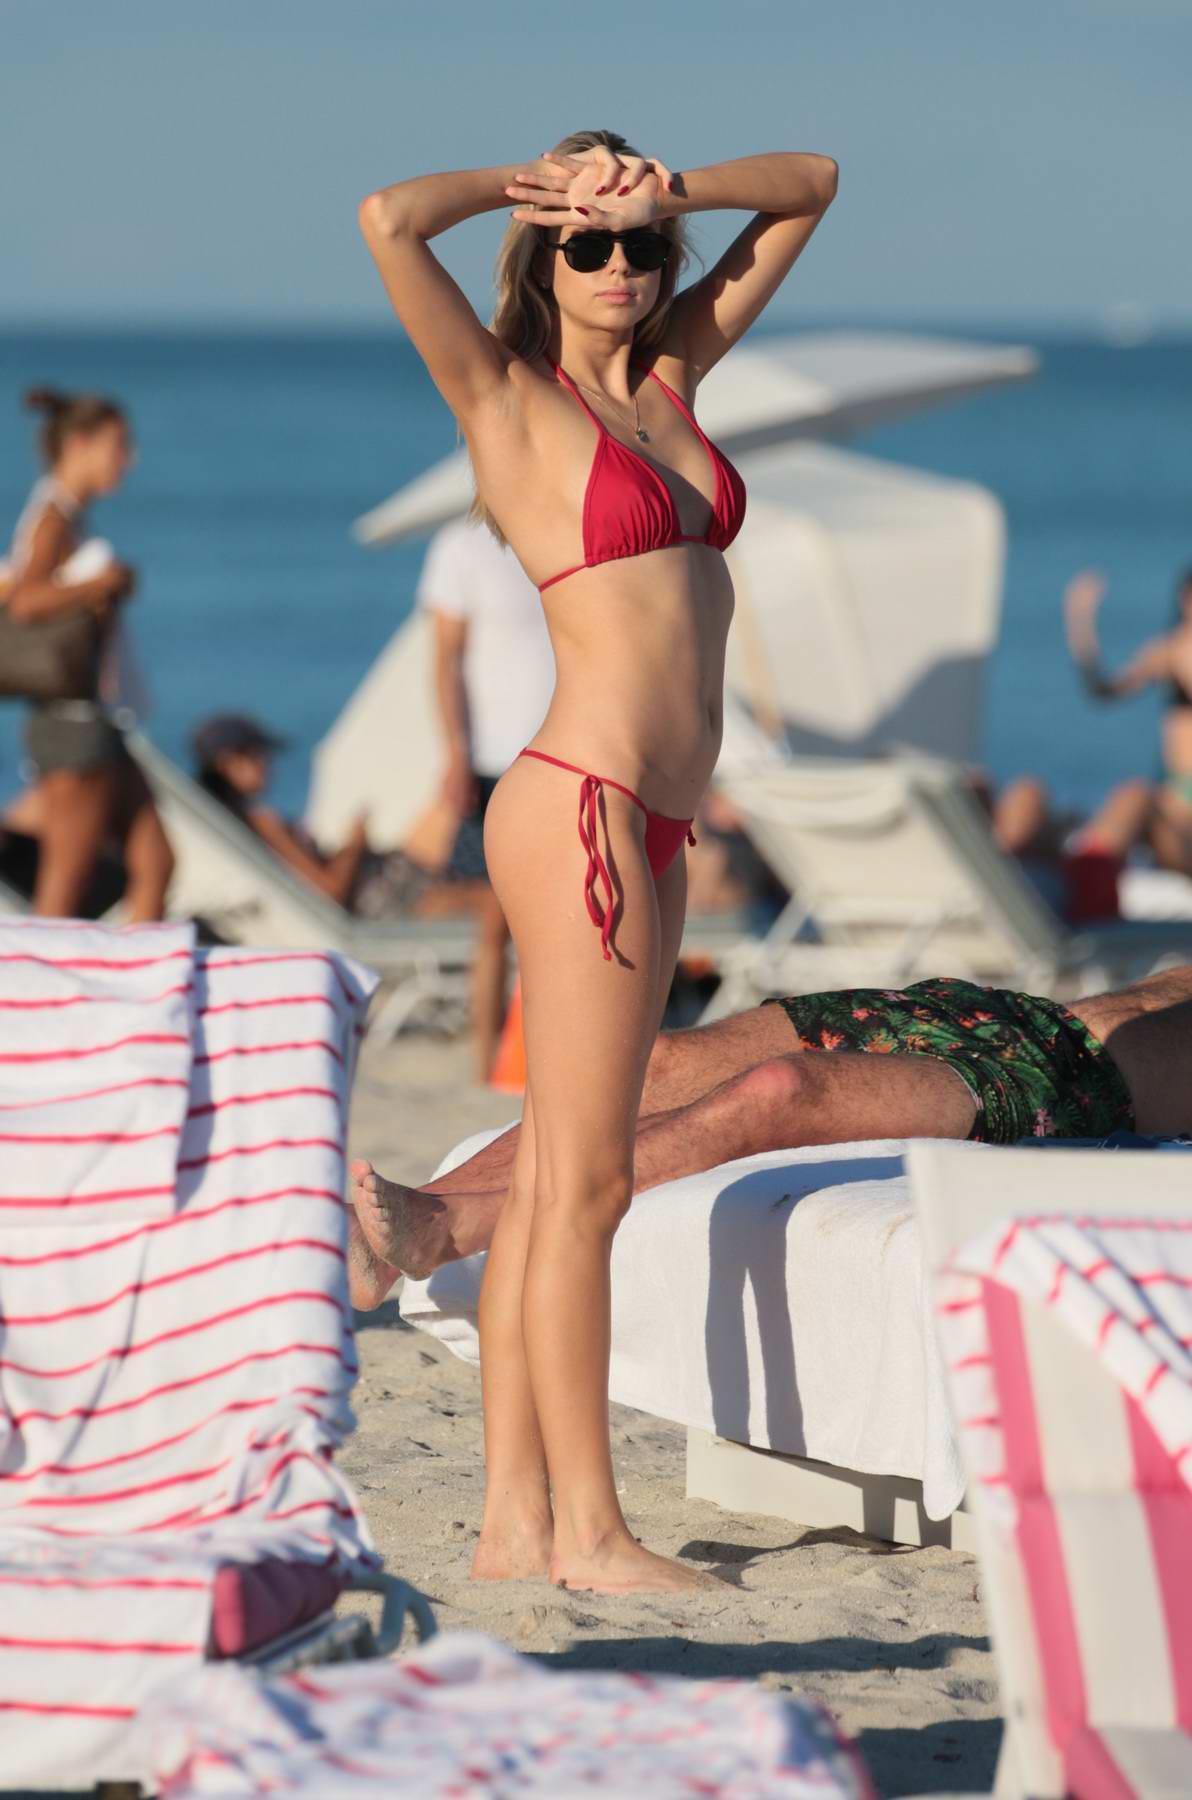 Louisa Warwick hits the beach in a red bikini in Miami, Florida